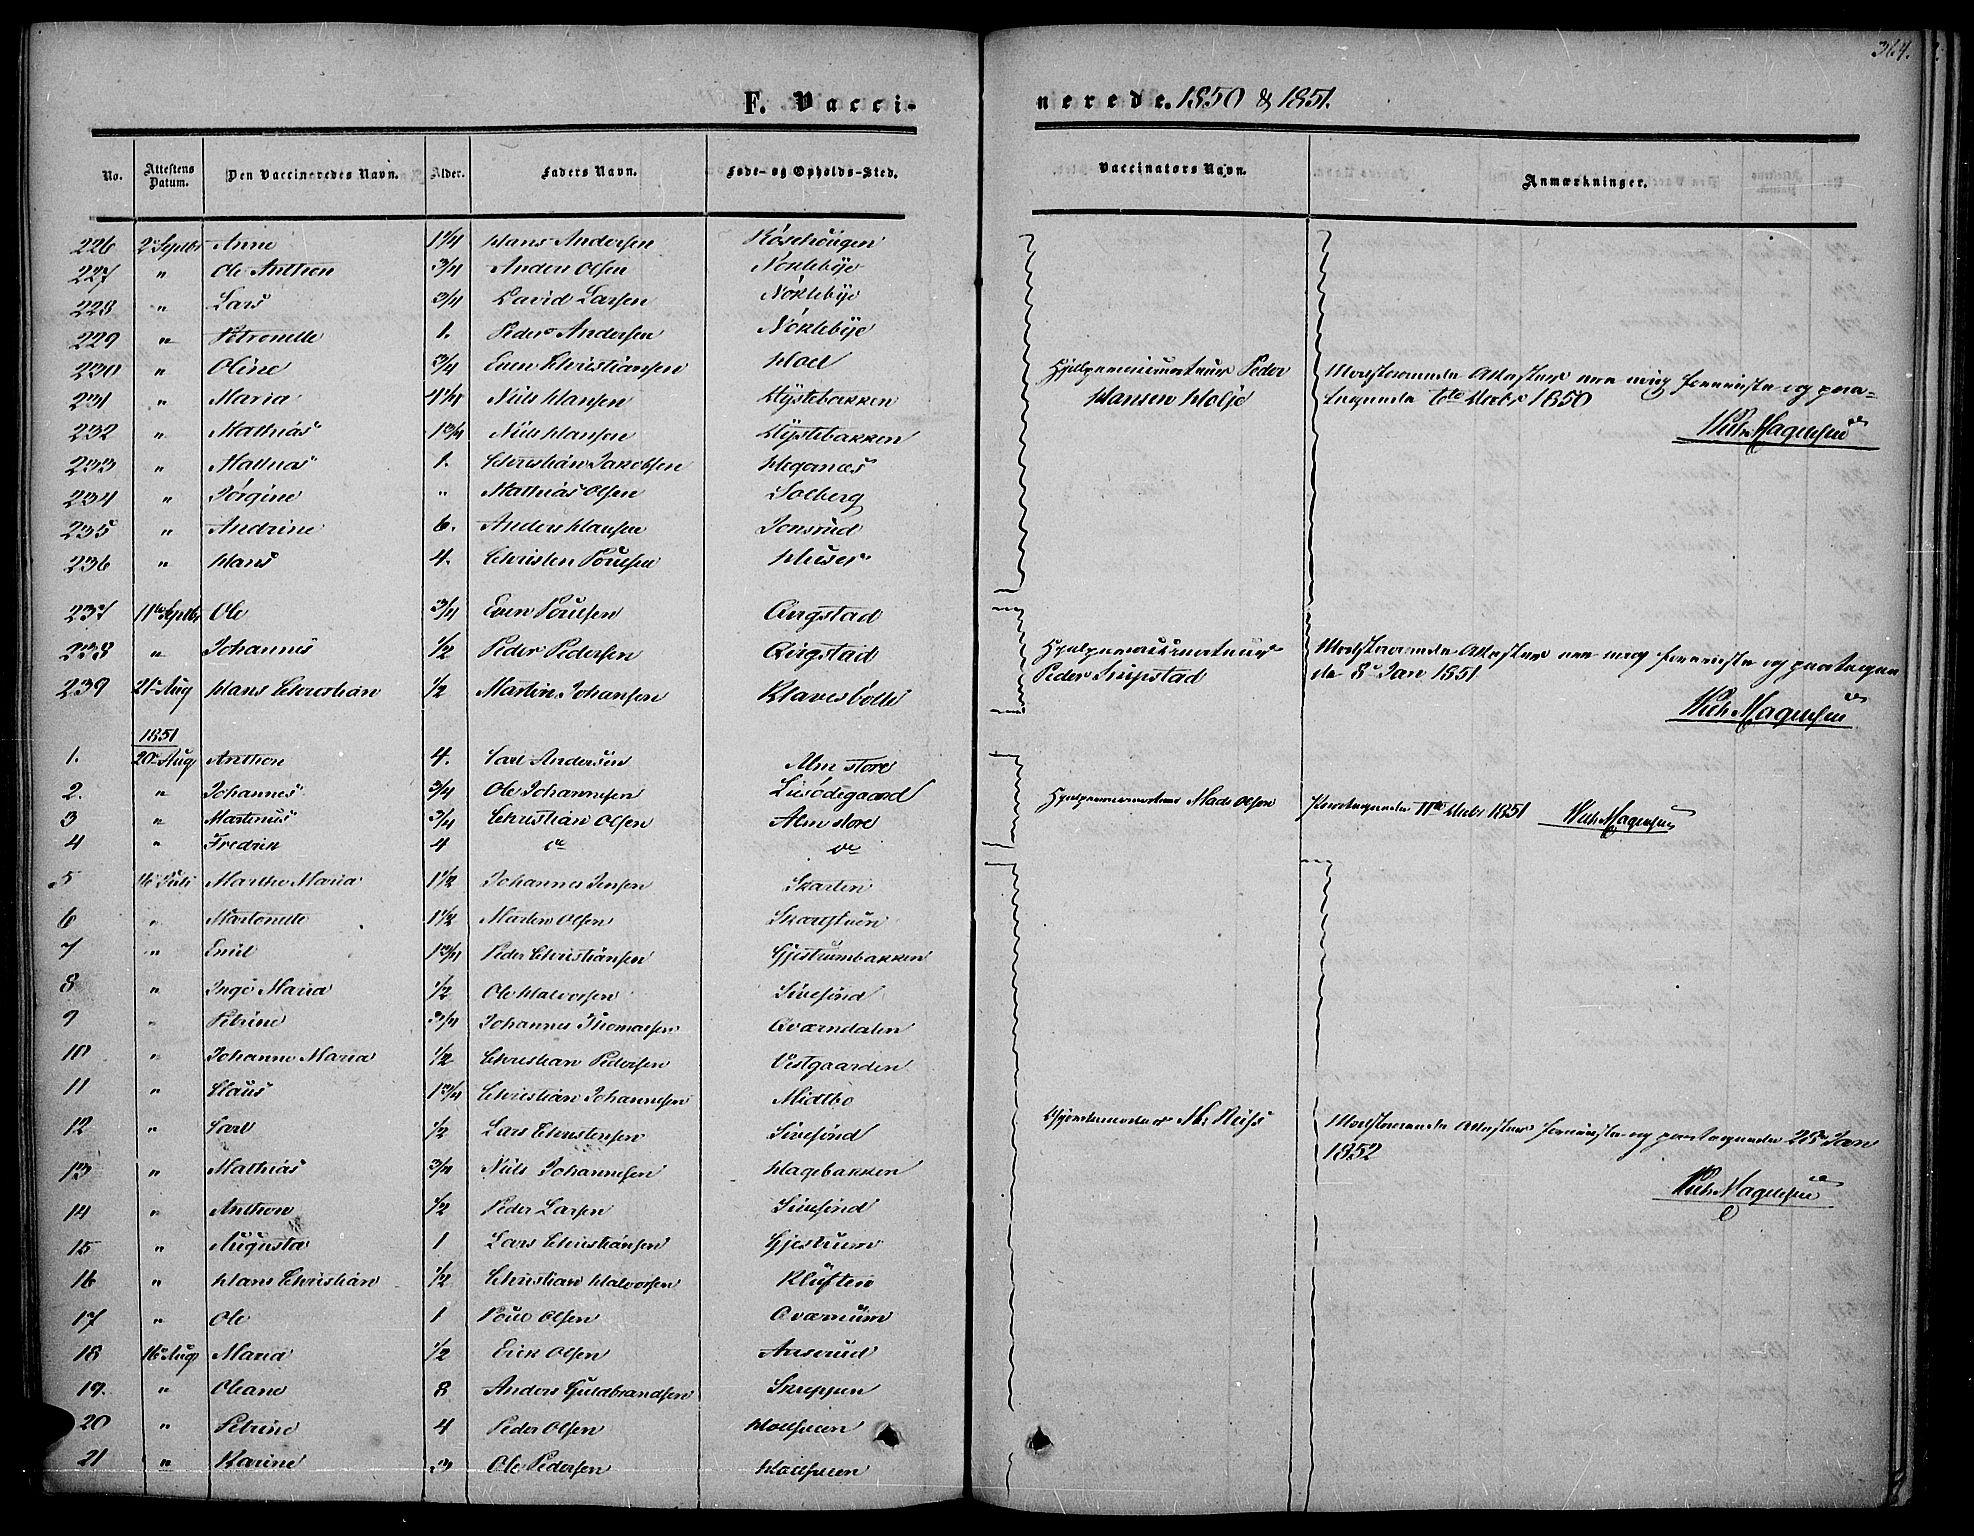 SAH, Vestre Toten prestekontor, Ministerialbok nr. 5, 1850-1855, s. 364